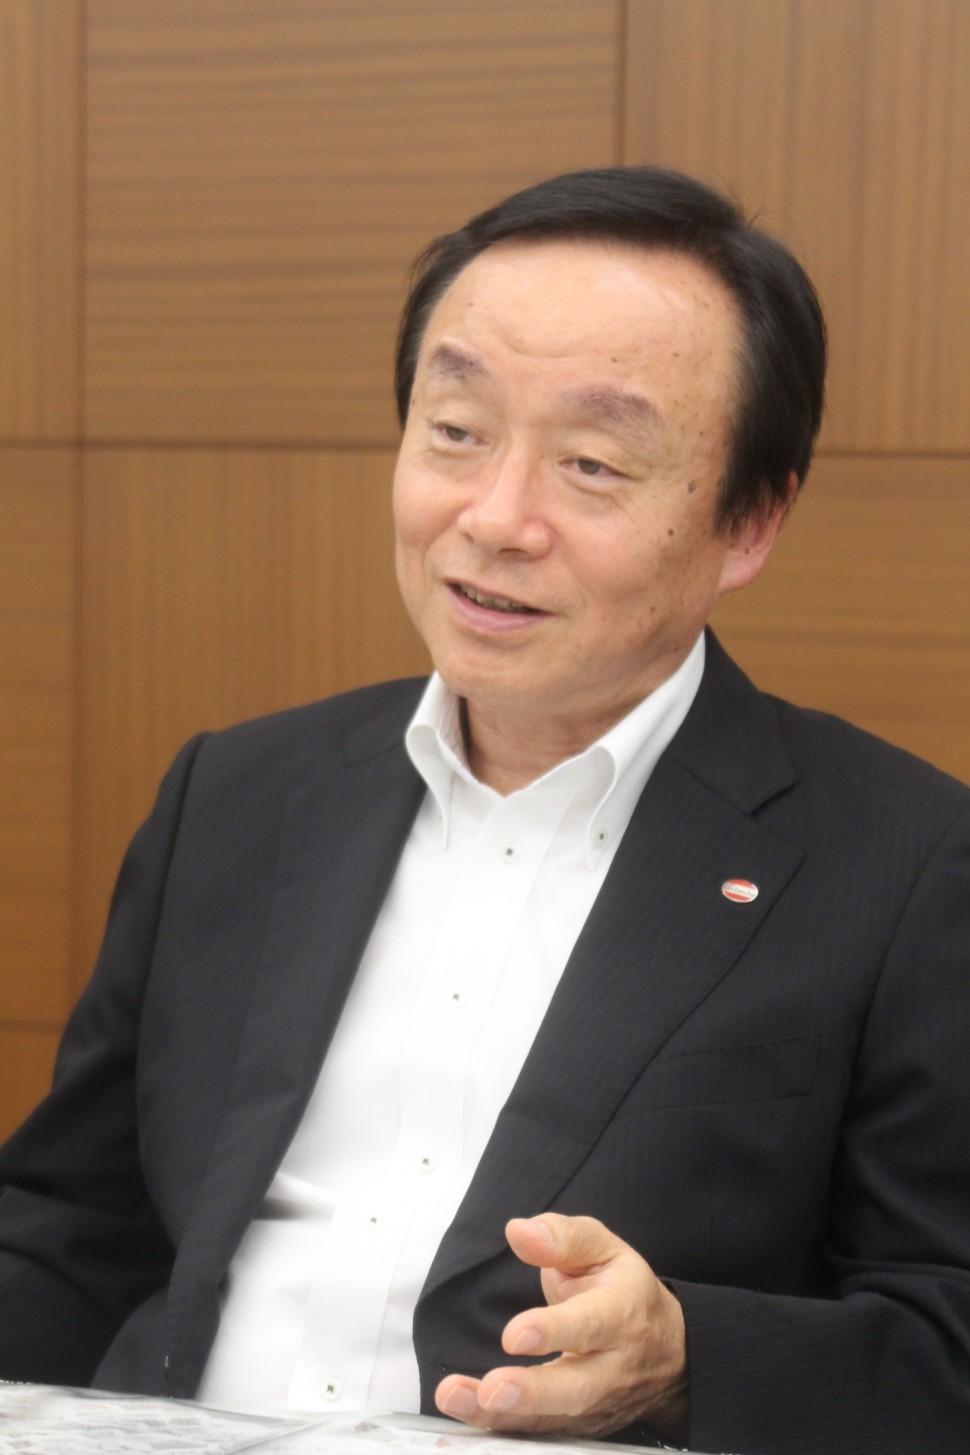 宮本副社長